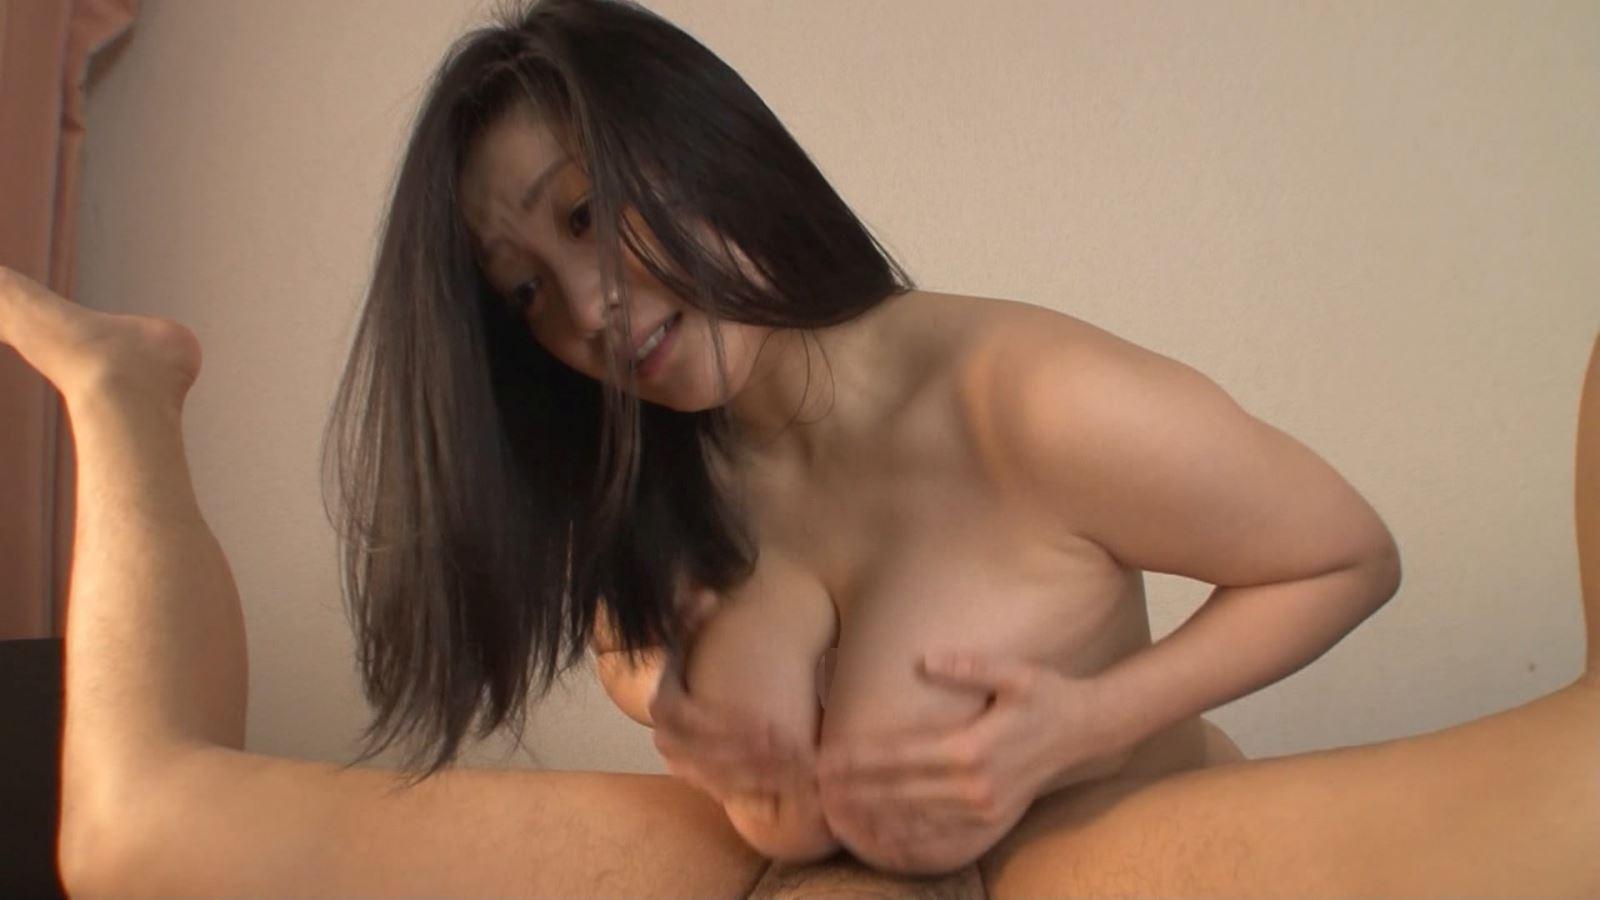 小向美奈子 無修正 第二弾 セックス 画像 22